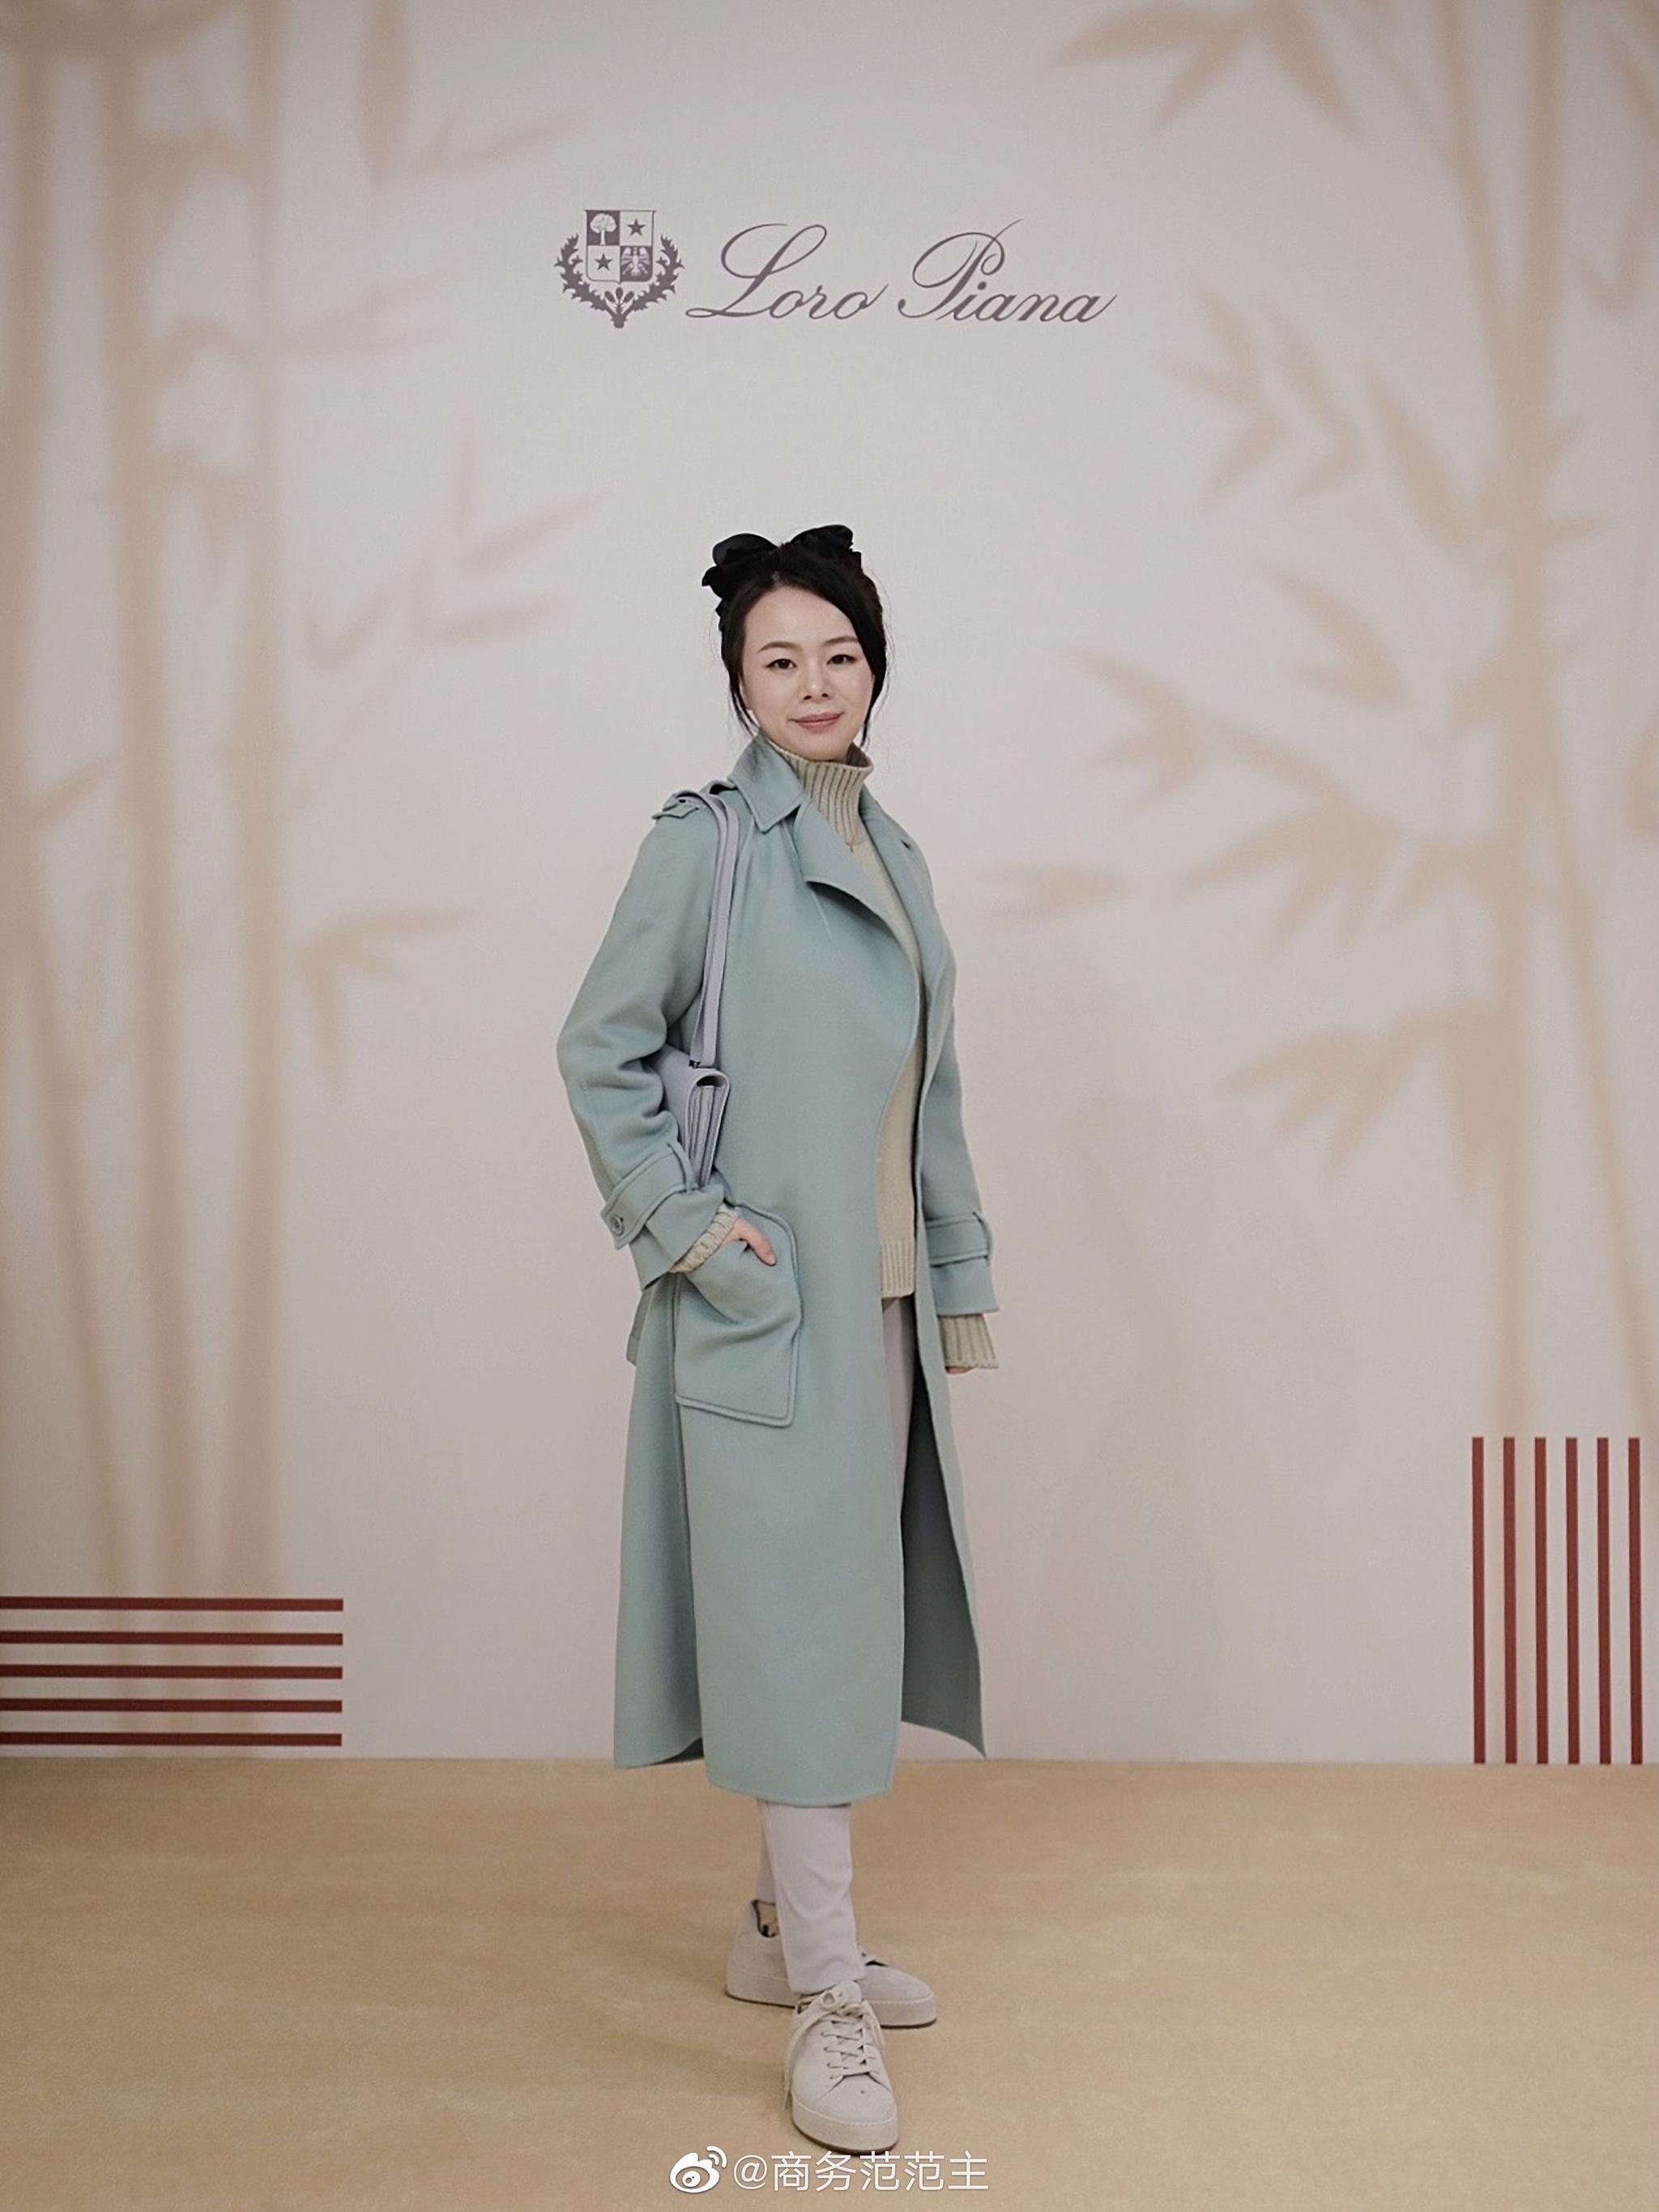 带老公去@LoroPiana 在SKP新开的男装店